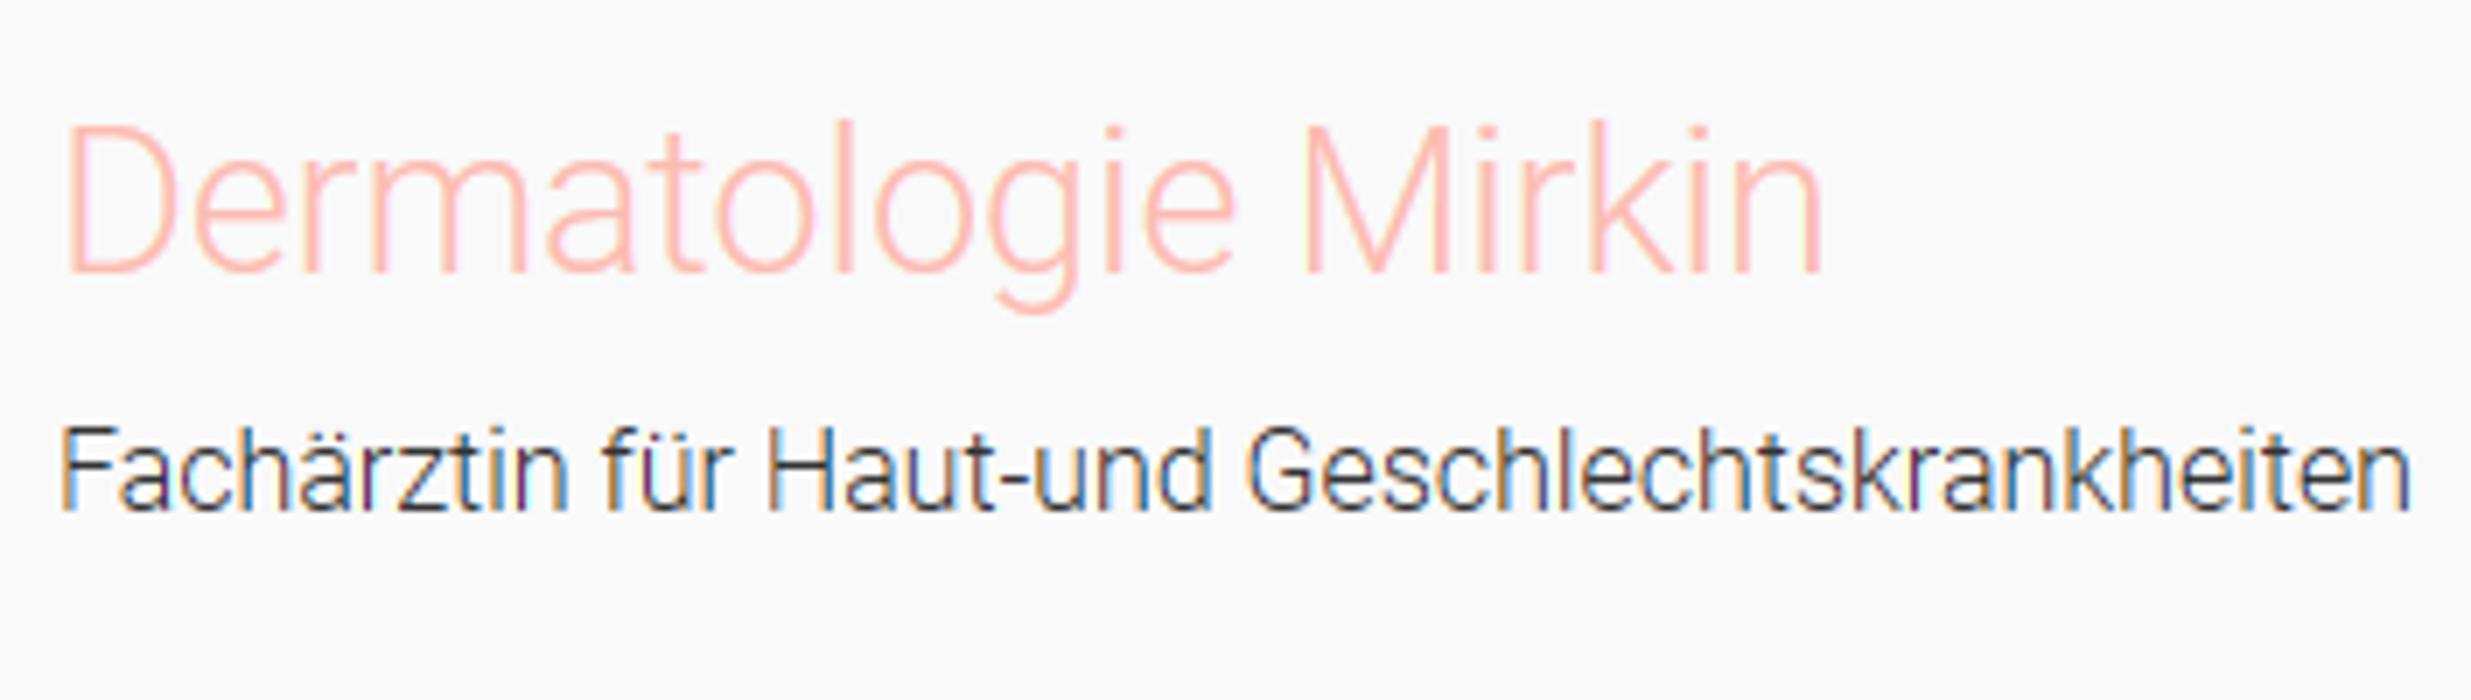 Bild zu Dermatologie Mirkin - Fachärztin für Haut- und Geschlechtskrankheiten in Dortmund